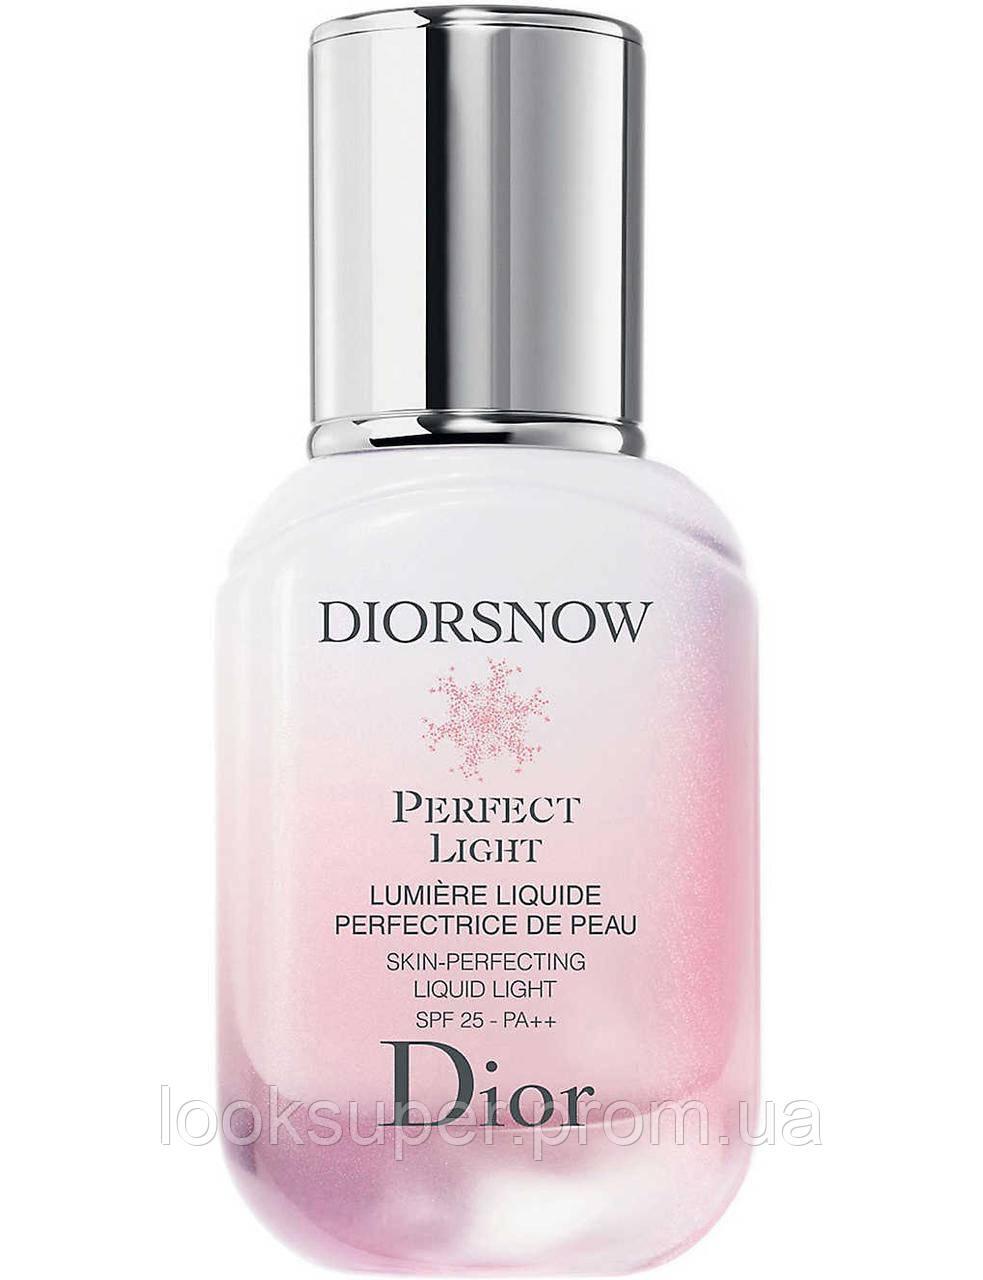 Жидкость для  увлажнения кожи DIOR Diorsnow Perfect Light Skin-Perfecting Liquid Light SPF 25 (30ml)